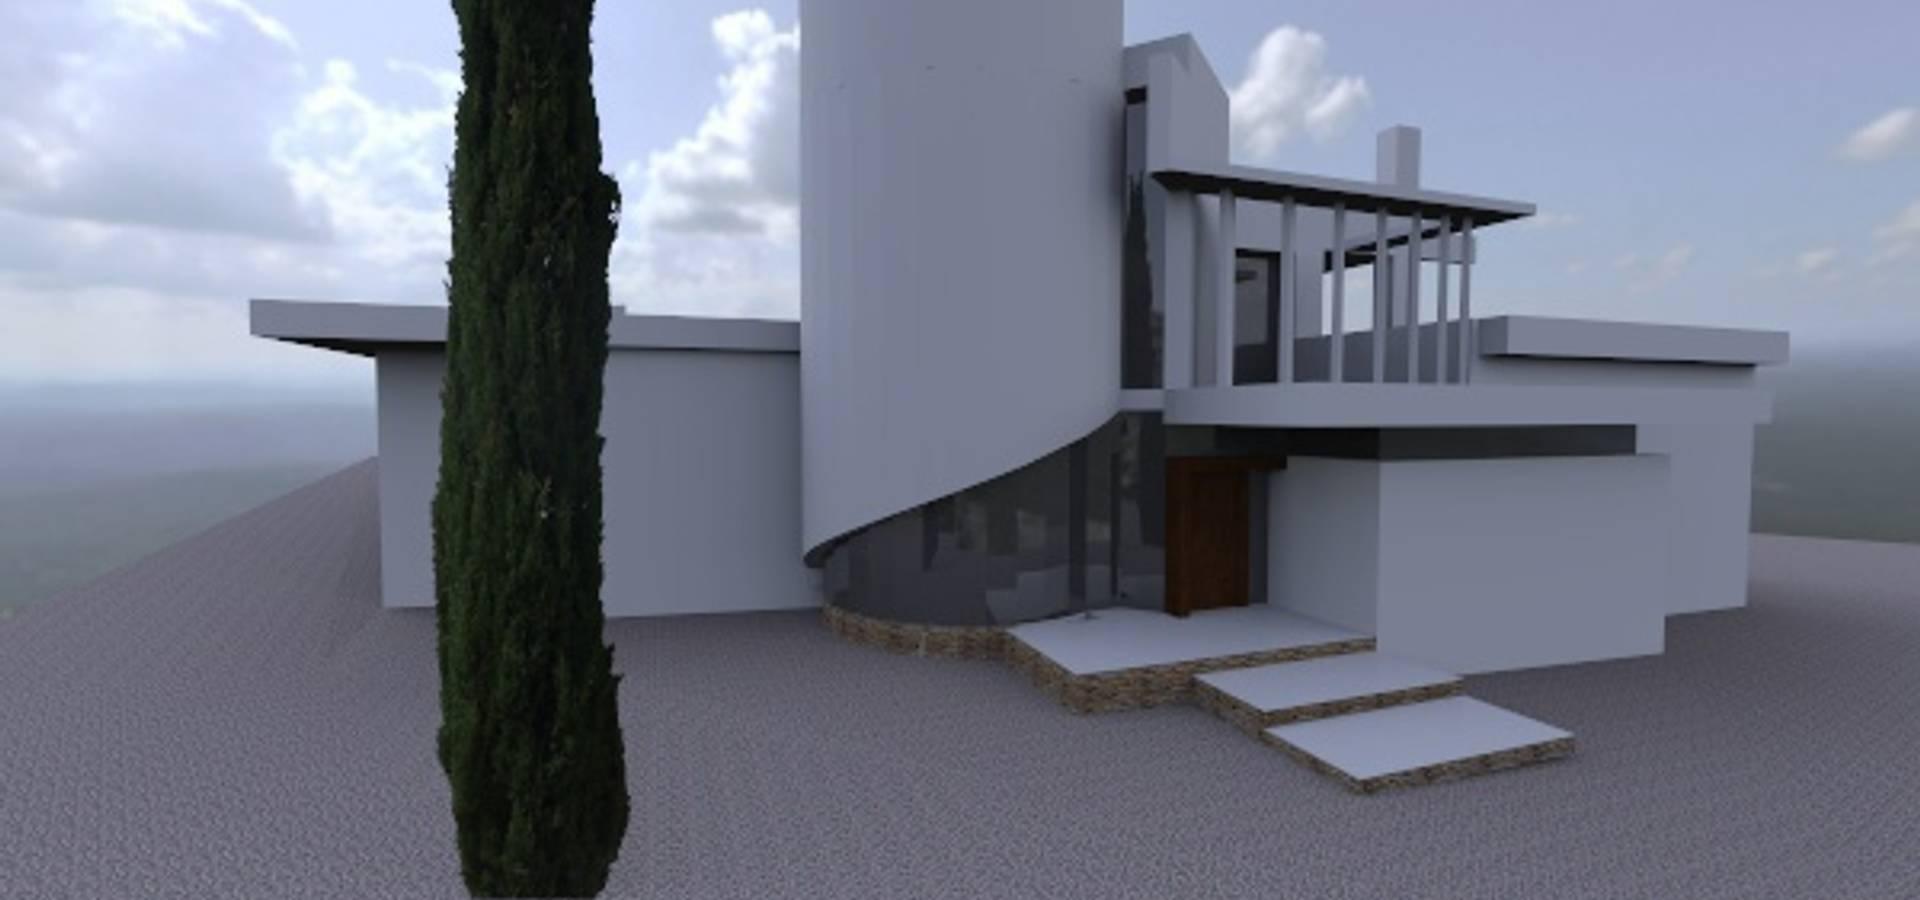 Vivienda unifamiliar en torre guil murcia de arquitecto - Arquitectos en murcia ...